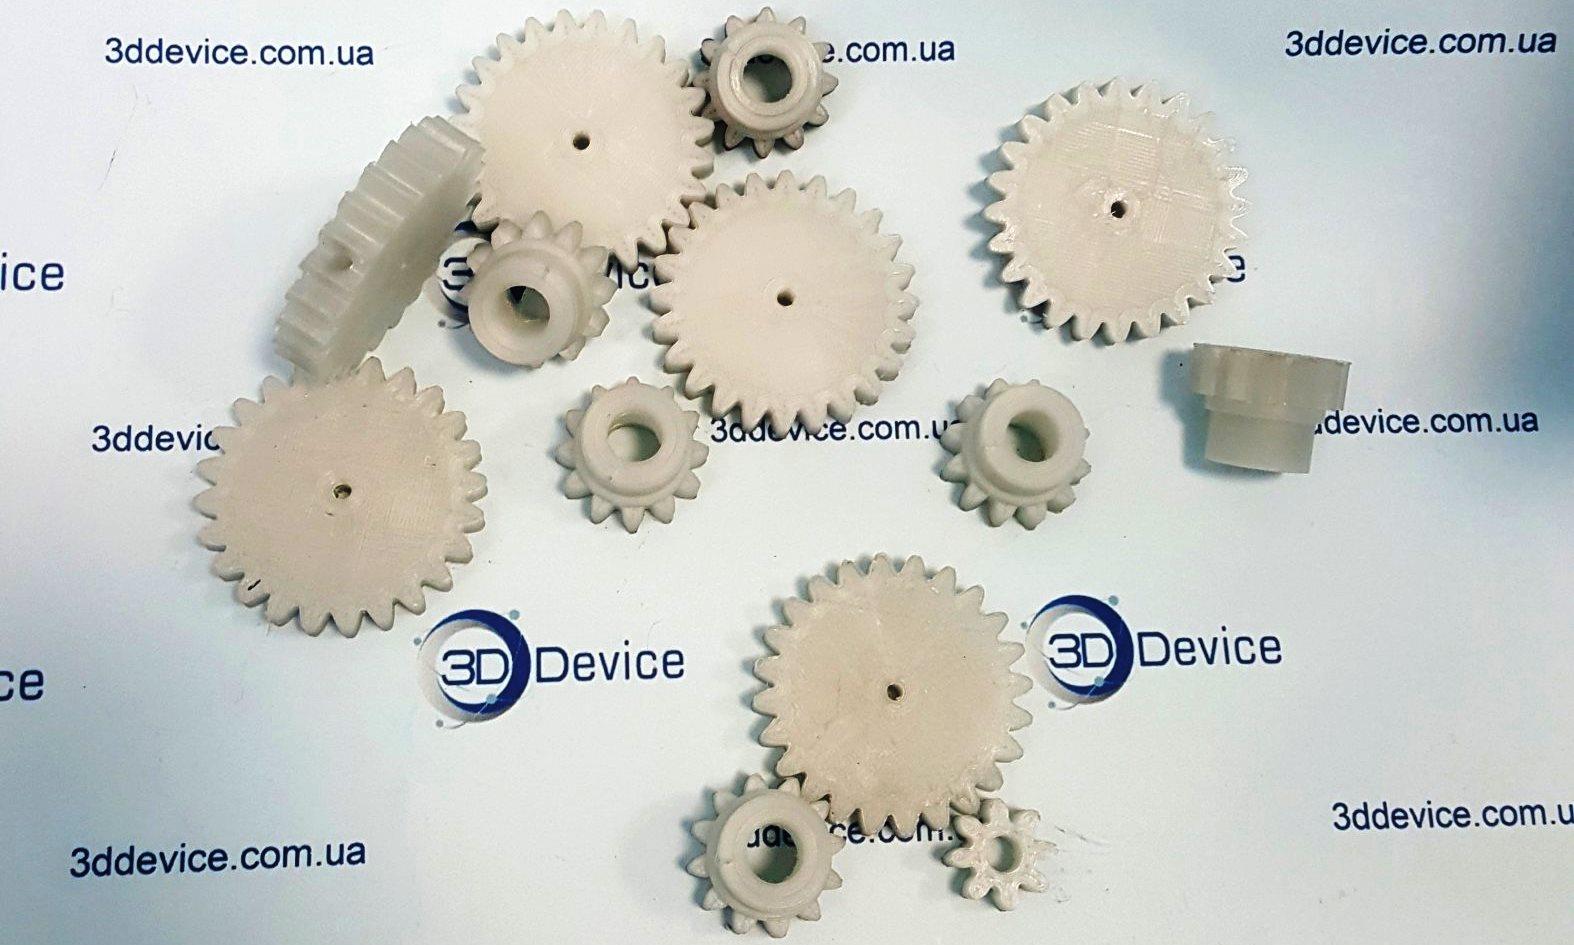 Точная 3d-печать изделий сложной формы (фотография носит характер иллюстрации, источник: 3d печать Украина)